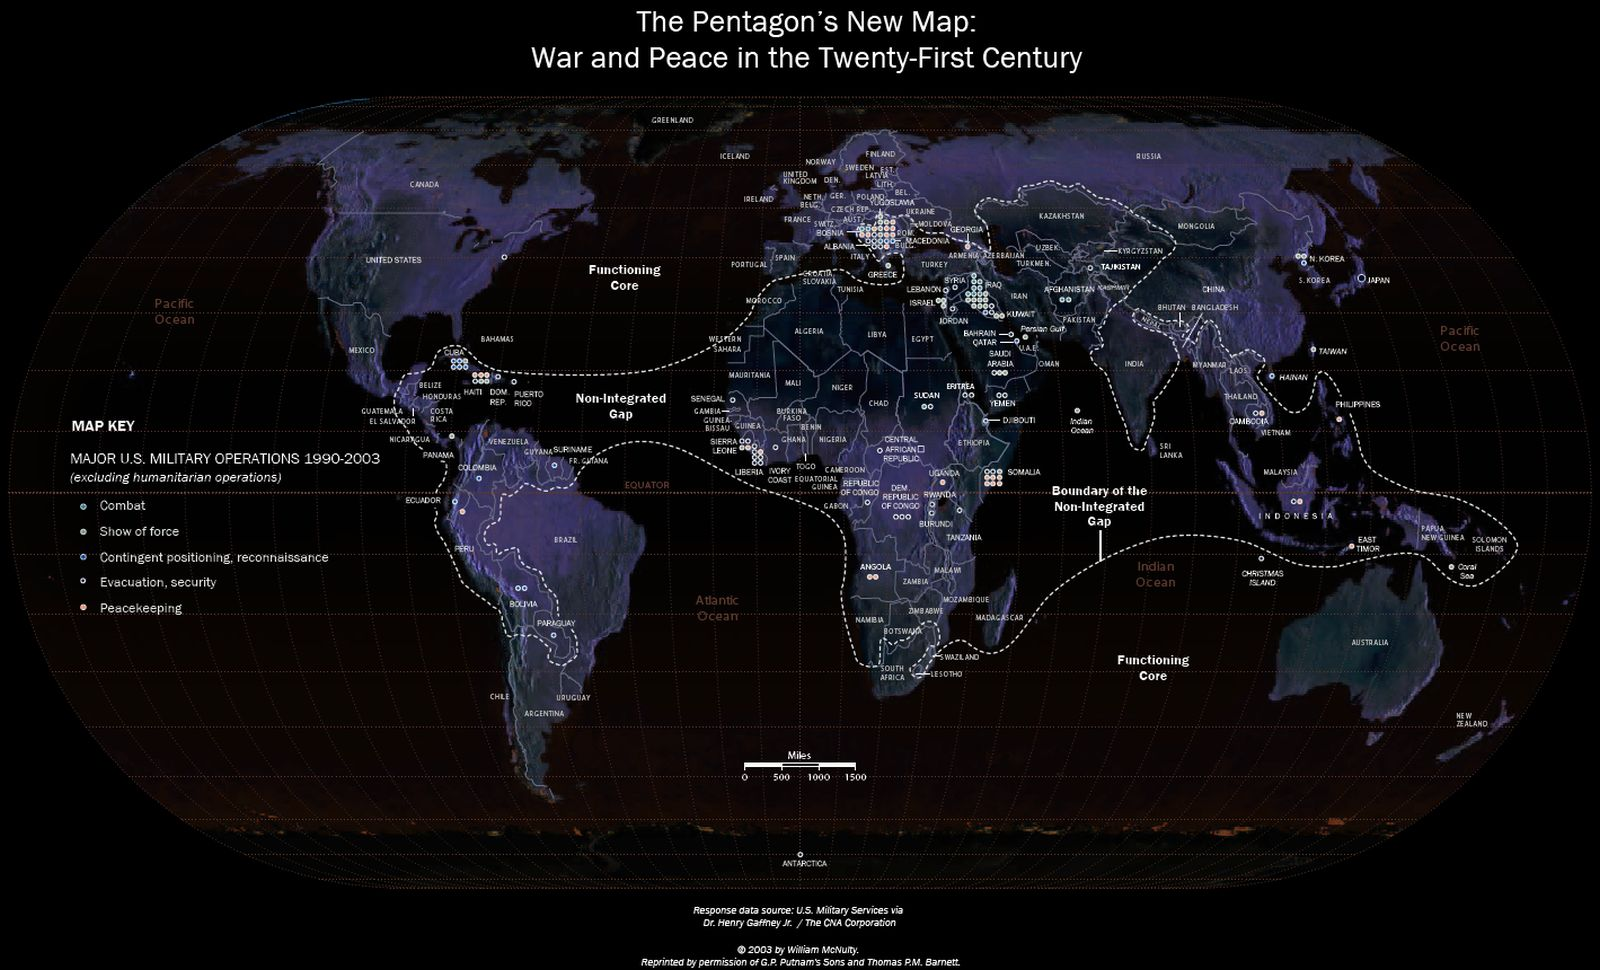 world map desktop wallpaper 8705 hd wallpapersjpg 1600x970